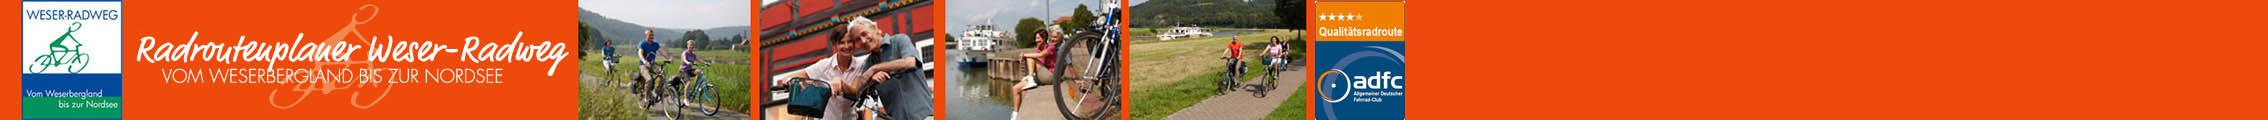 Herzlich willkommen auf dem Weser-Radweg!